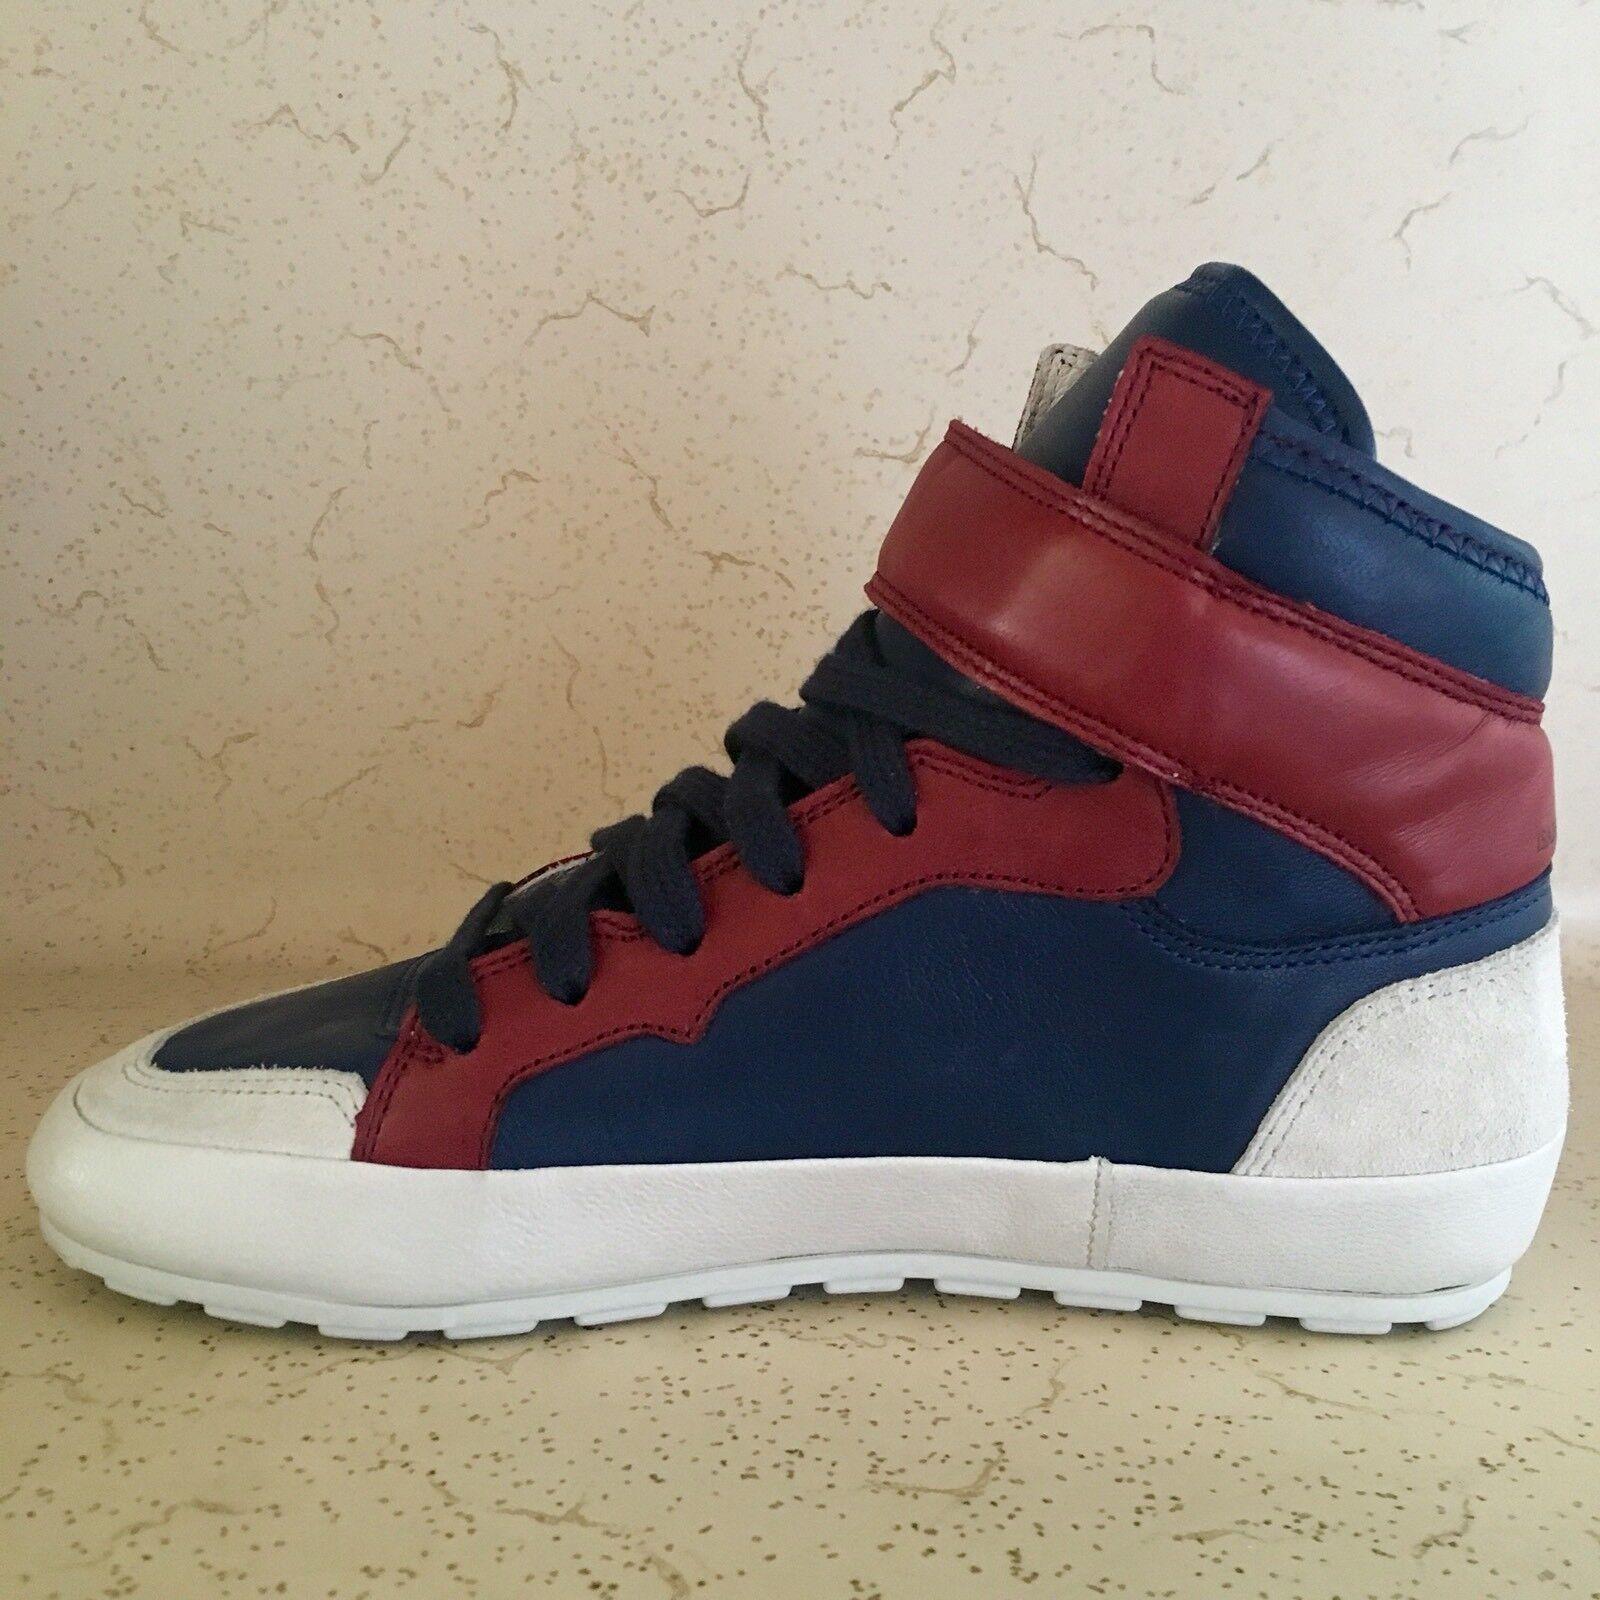 es 6 nos nos nos Isabel Marant Bessy Hip Hop Azul Rojo Zapatillas De Ante De Cuero b9ad6a